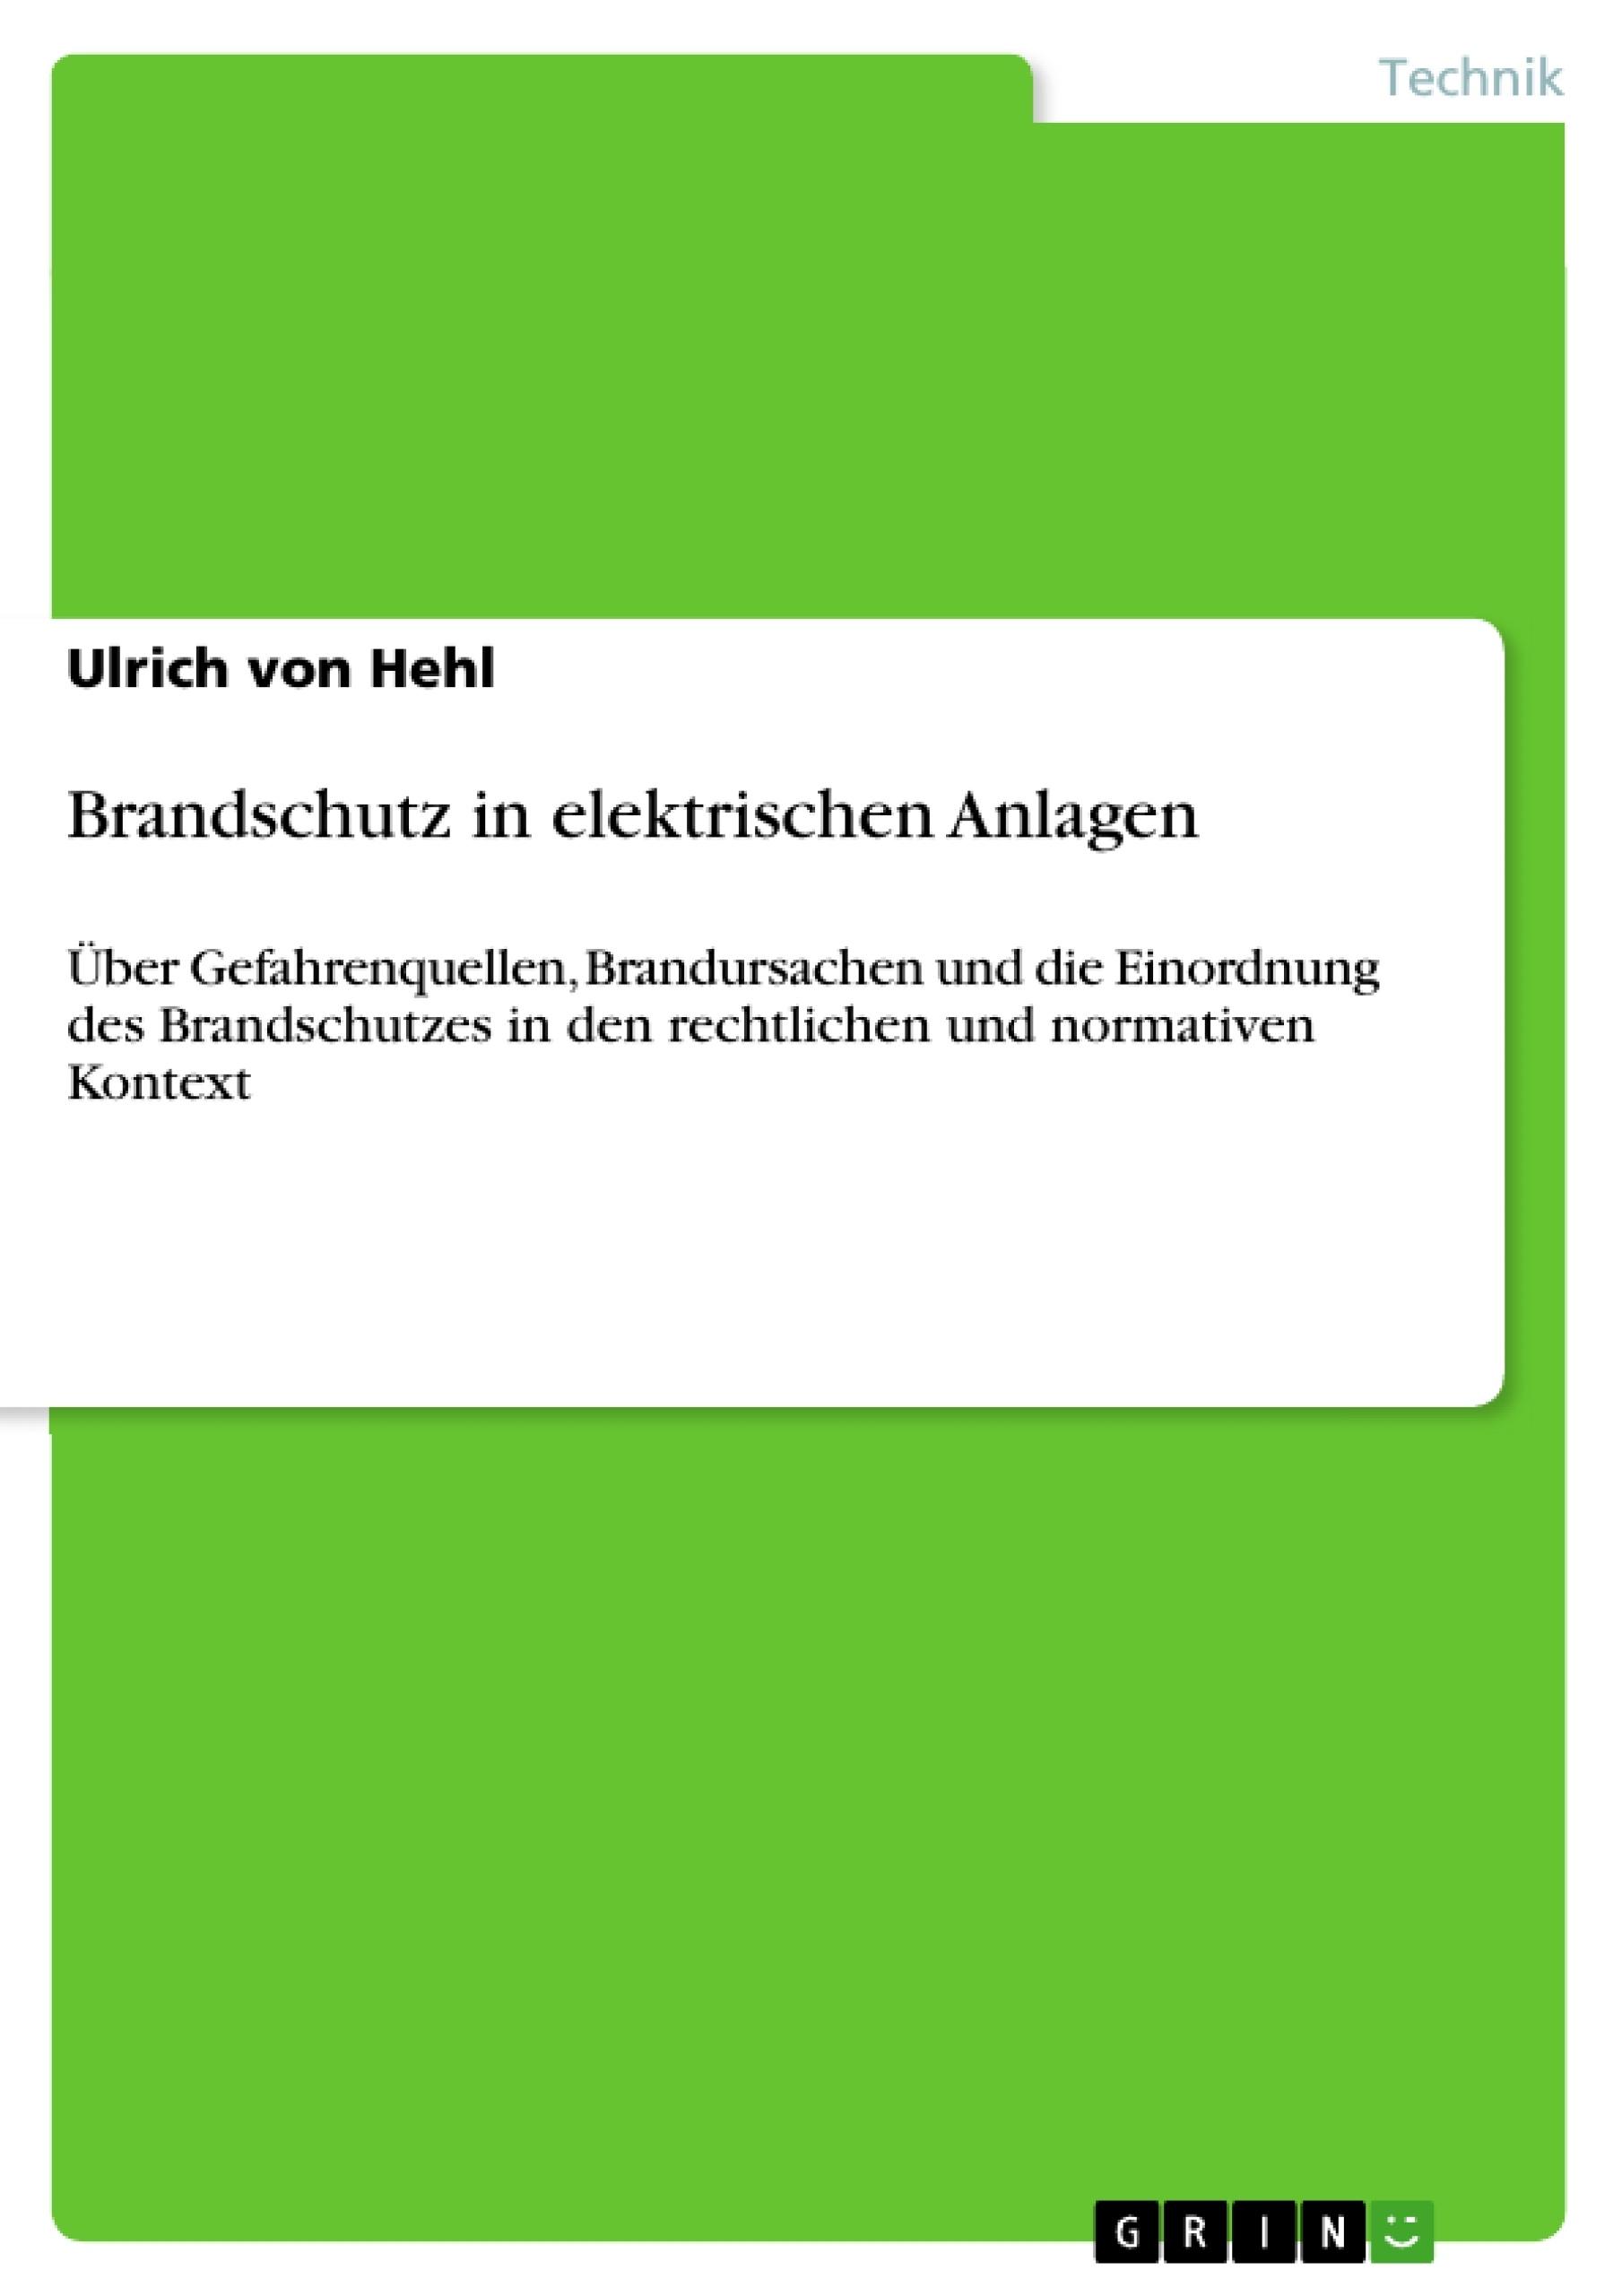 Brandschutz in elektrischen Anlagen | Masterarbeit, Hausarbeit ...